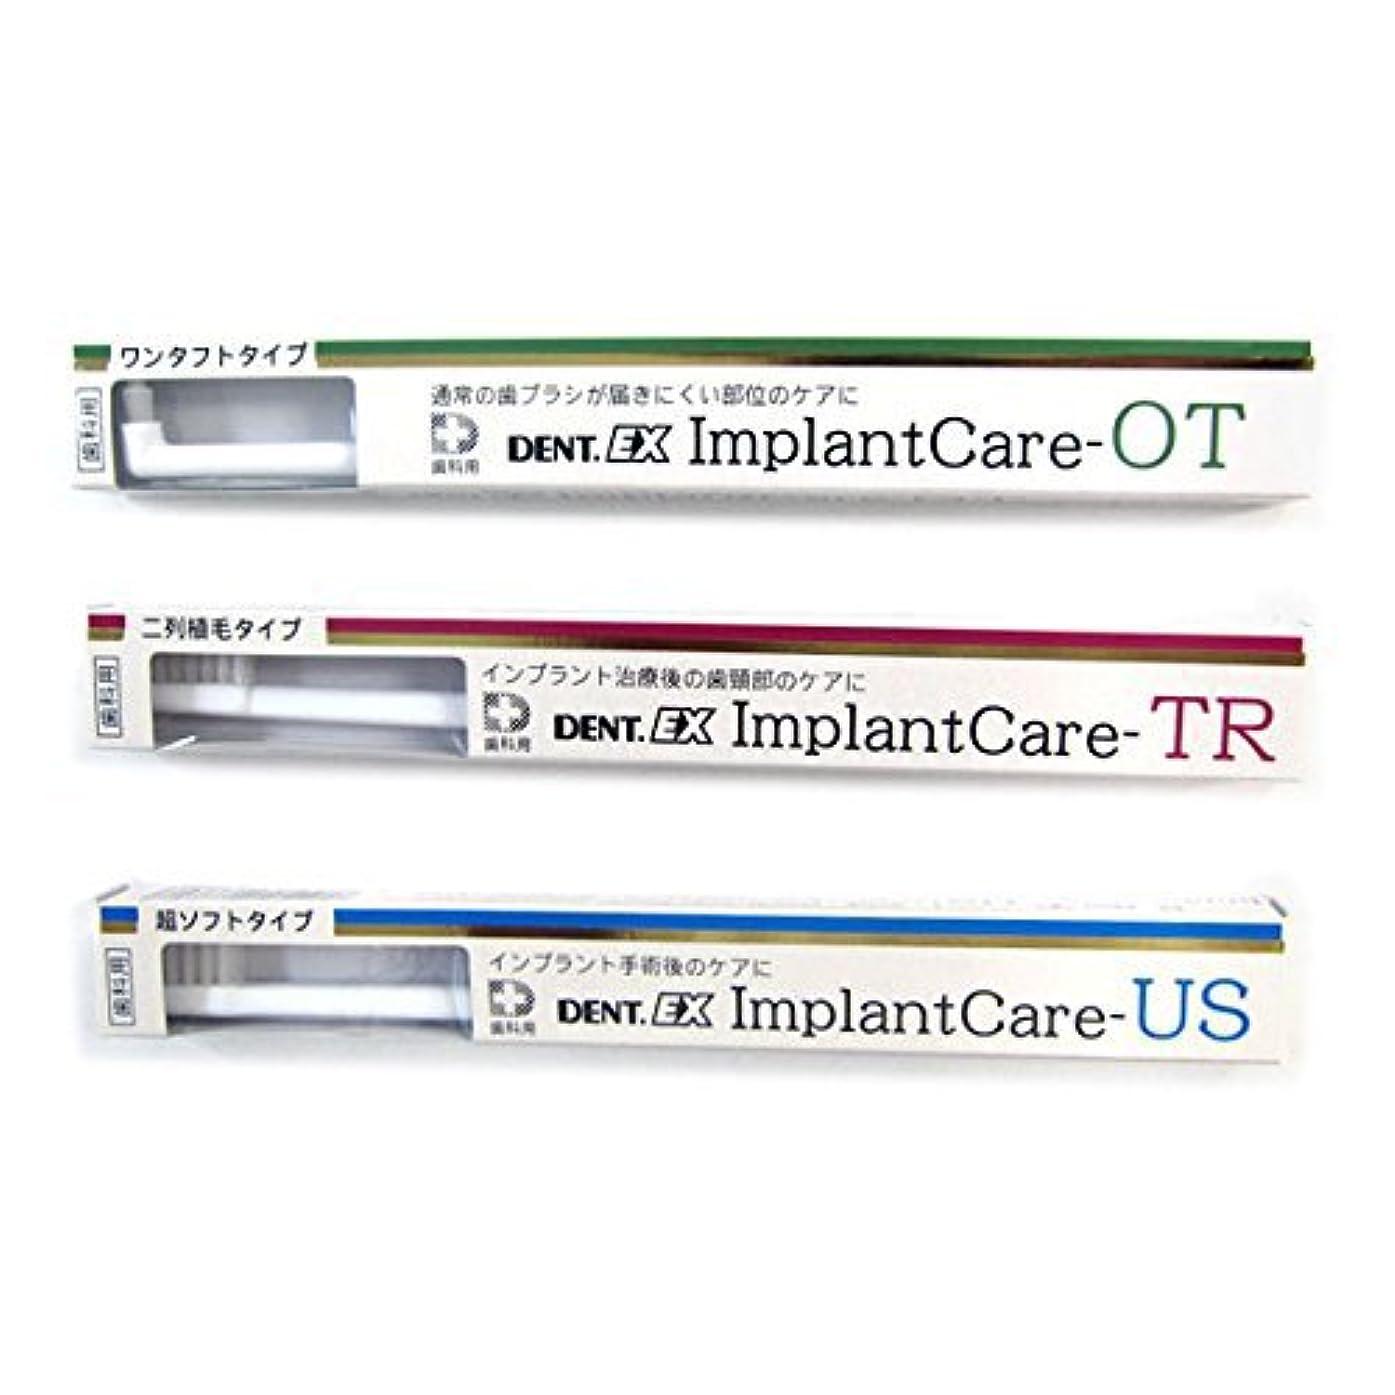 後悔早める約束するデント DENT EX ImplantCare インプラントケア 単品 OT(ワンタフト)